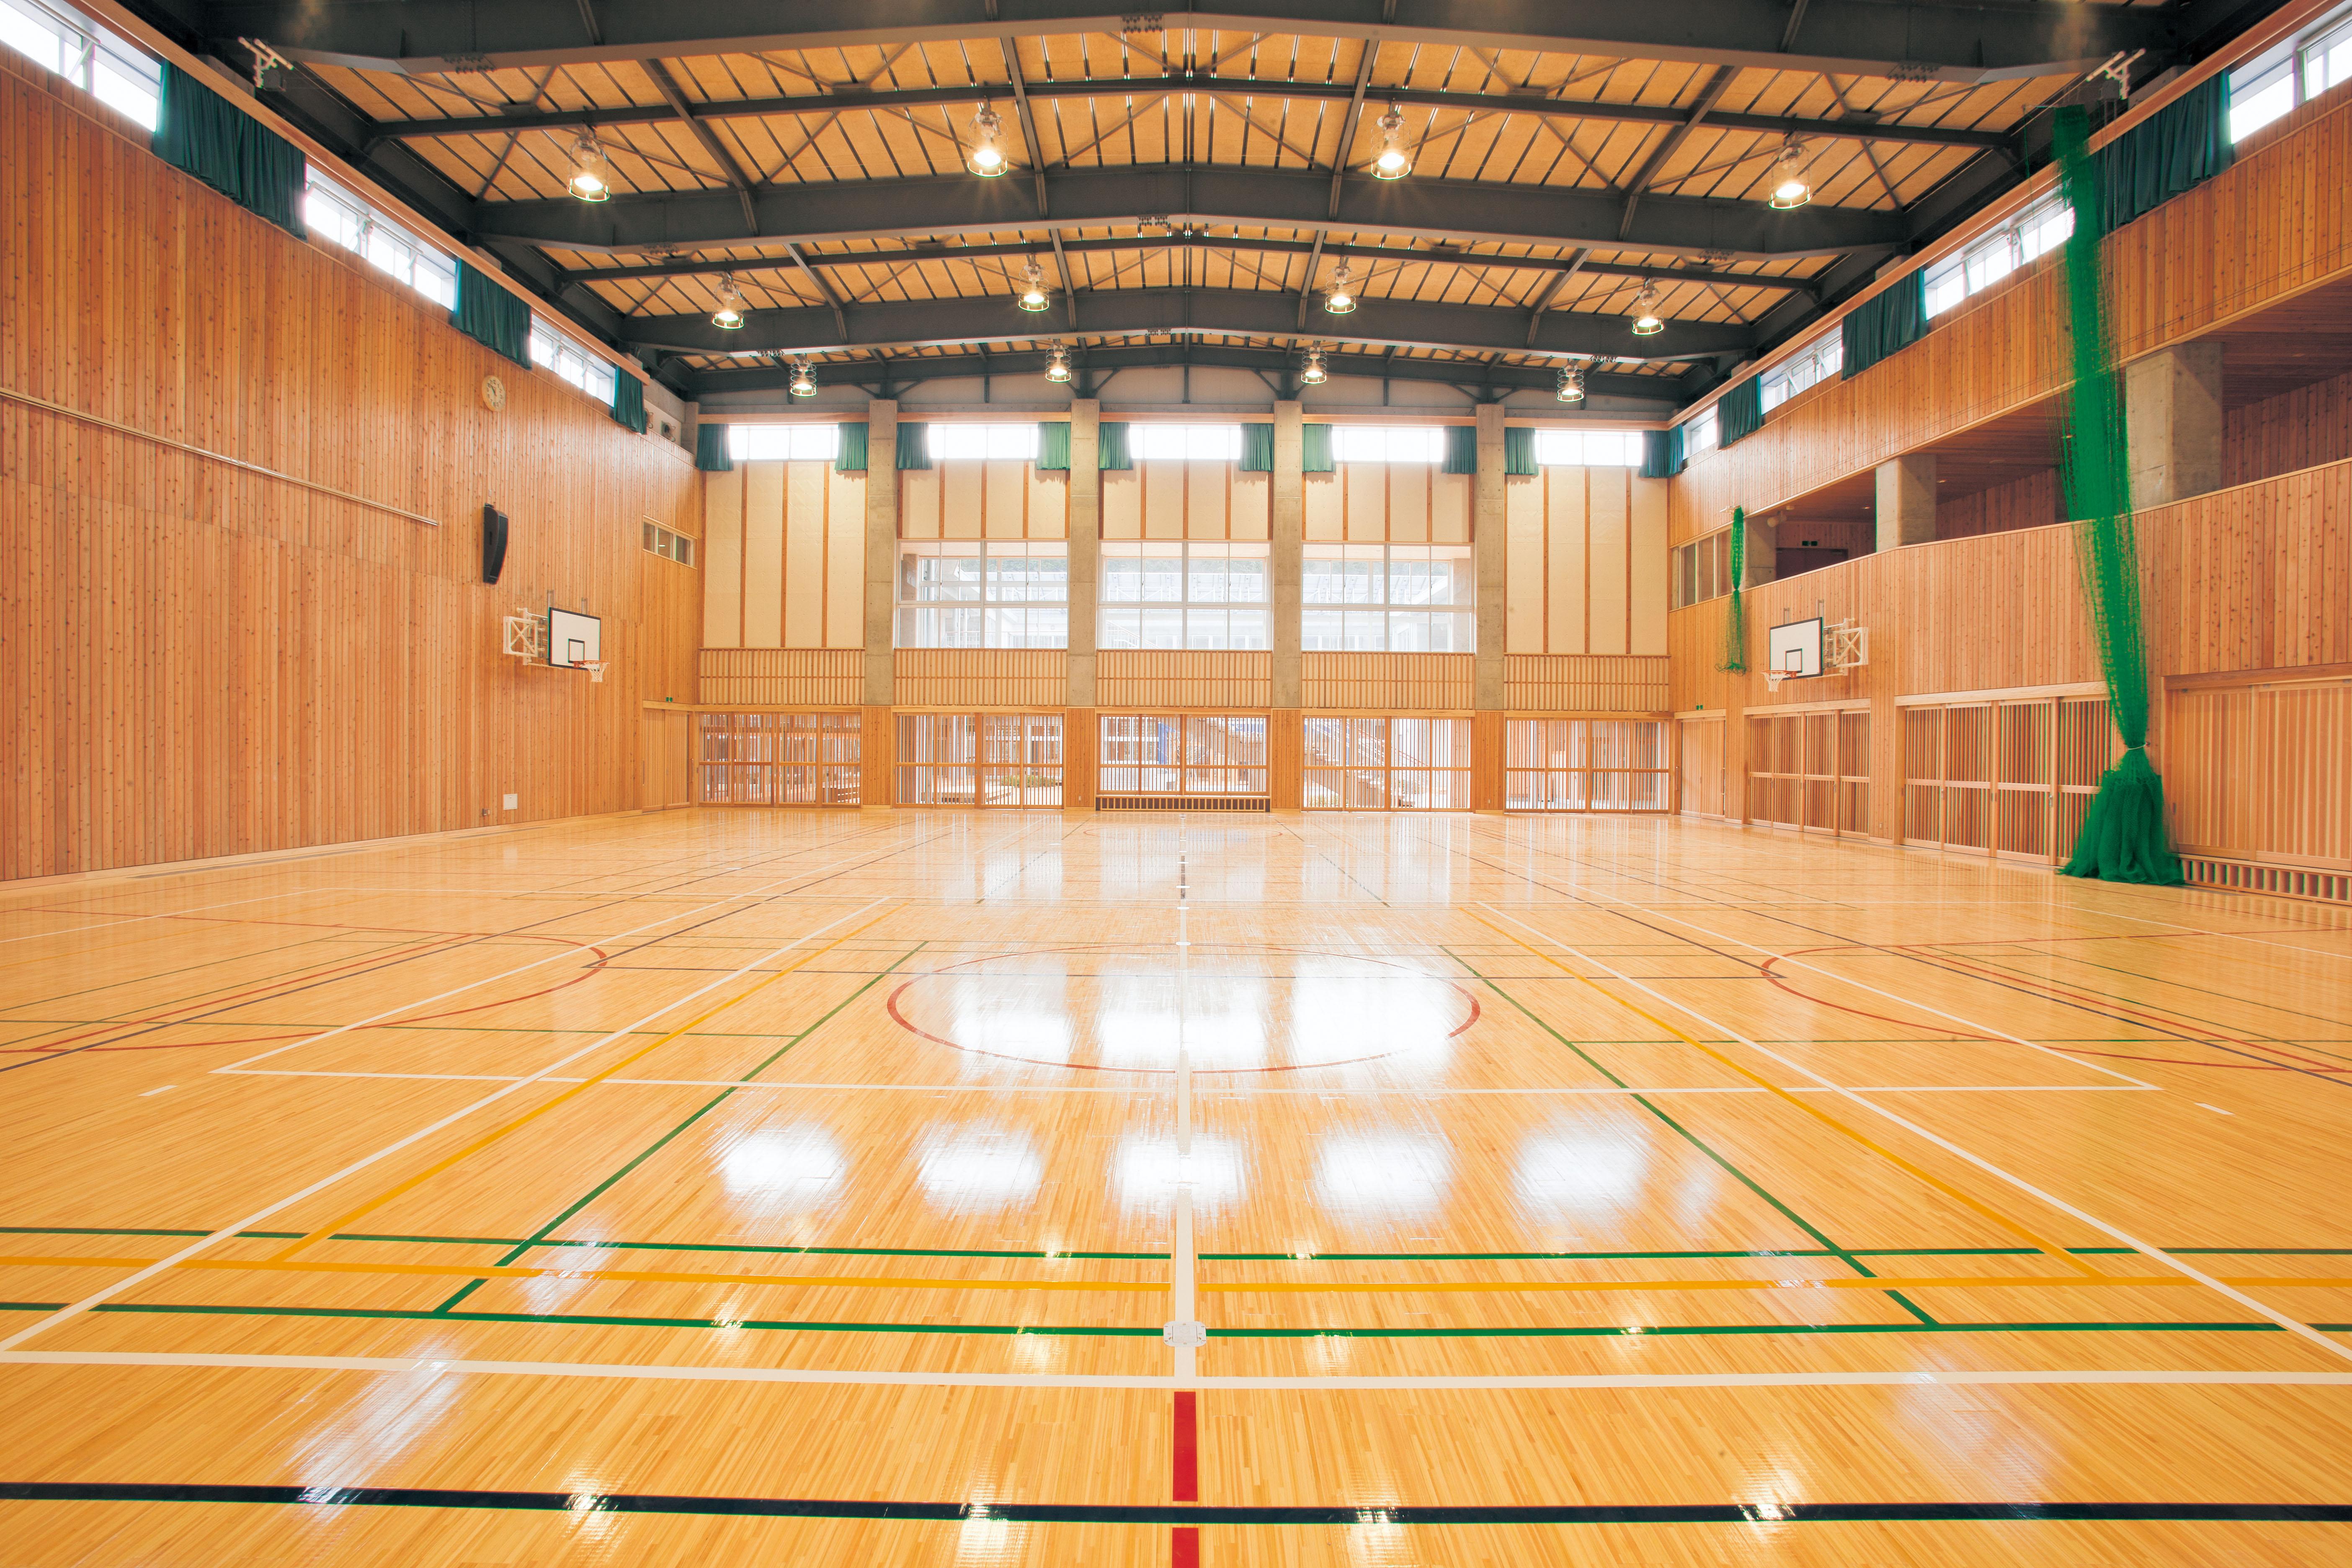 体育館の床は耐久性、耐摩耗性、ささくれがないことなど、特殊な要件を必要とします。テレビ中継で使われるような体育館では見栄えも重要です